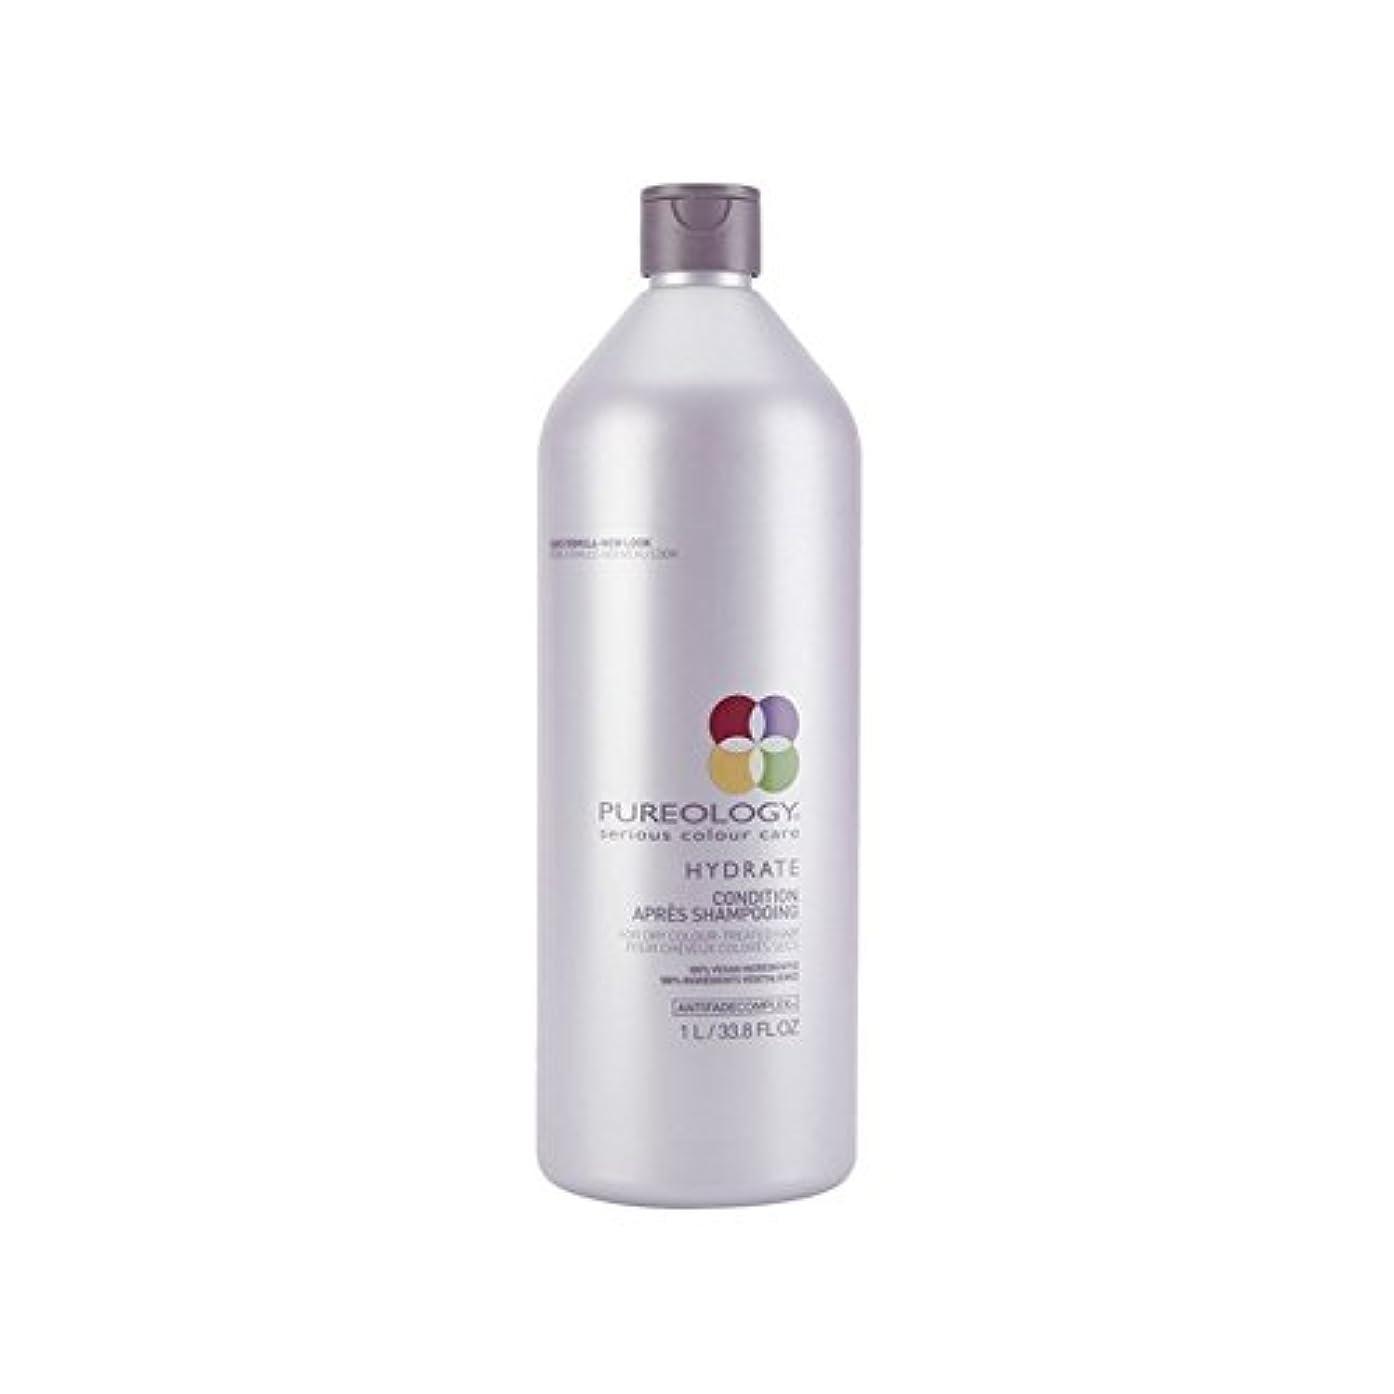 何故なのフクロウ考案する純粋な水和物コンディショナー(千ミリリットル) x2 - Pureology Pure Hydrate Conditioner (1000ml) (Pack of 2) [並行輸入品]